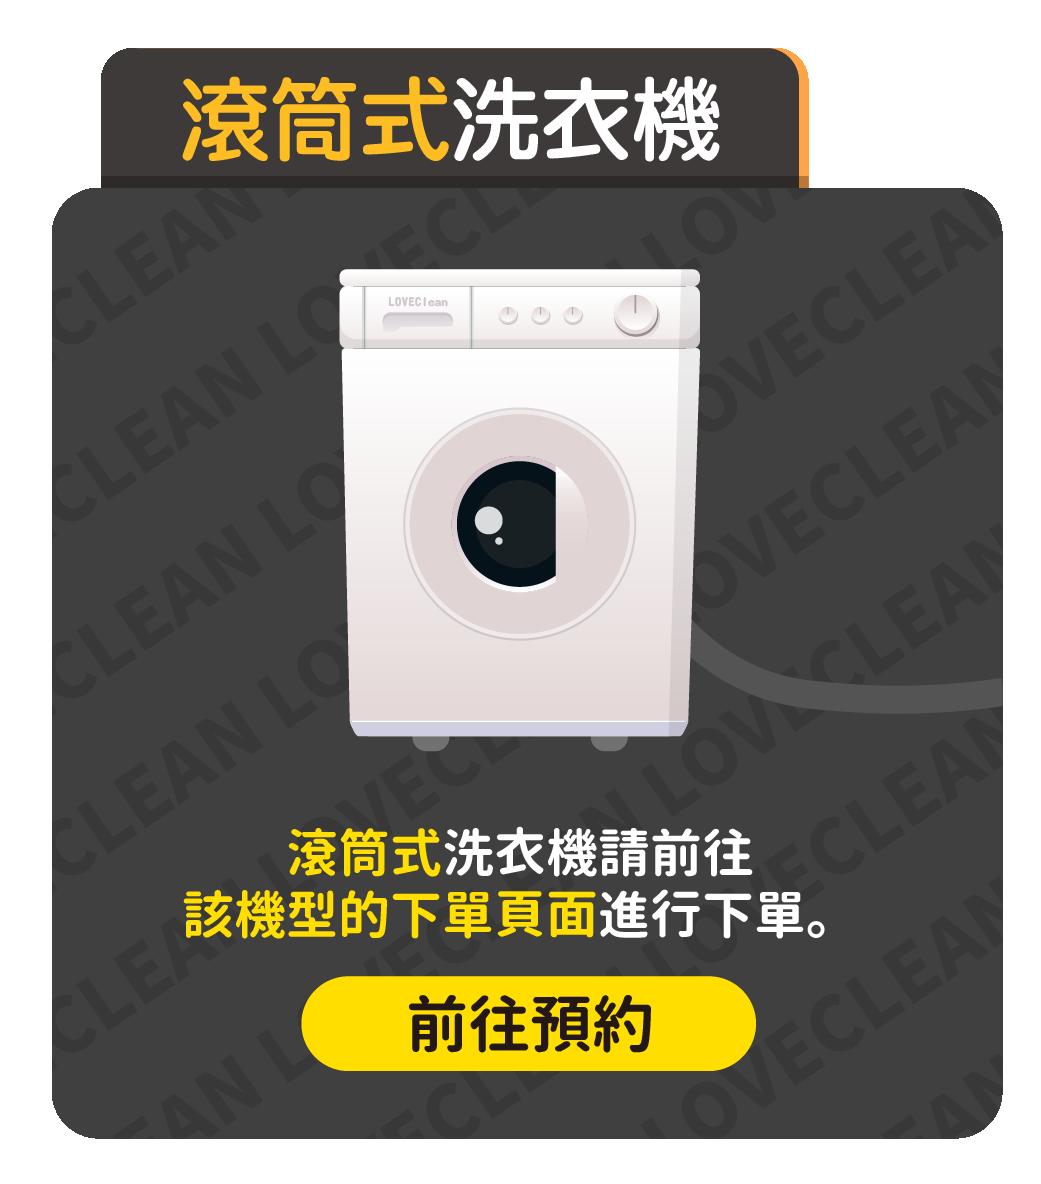 愛潔淨-滾筒式洗衣機費用說明